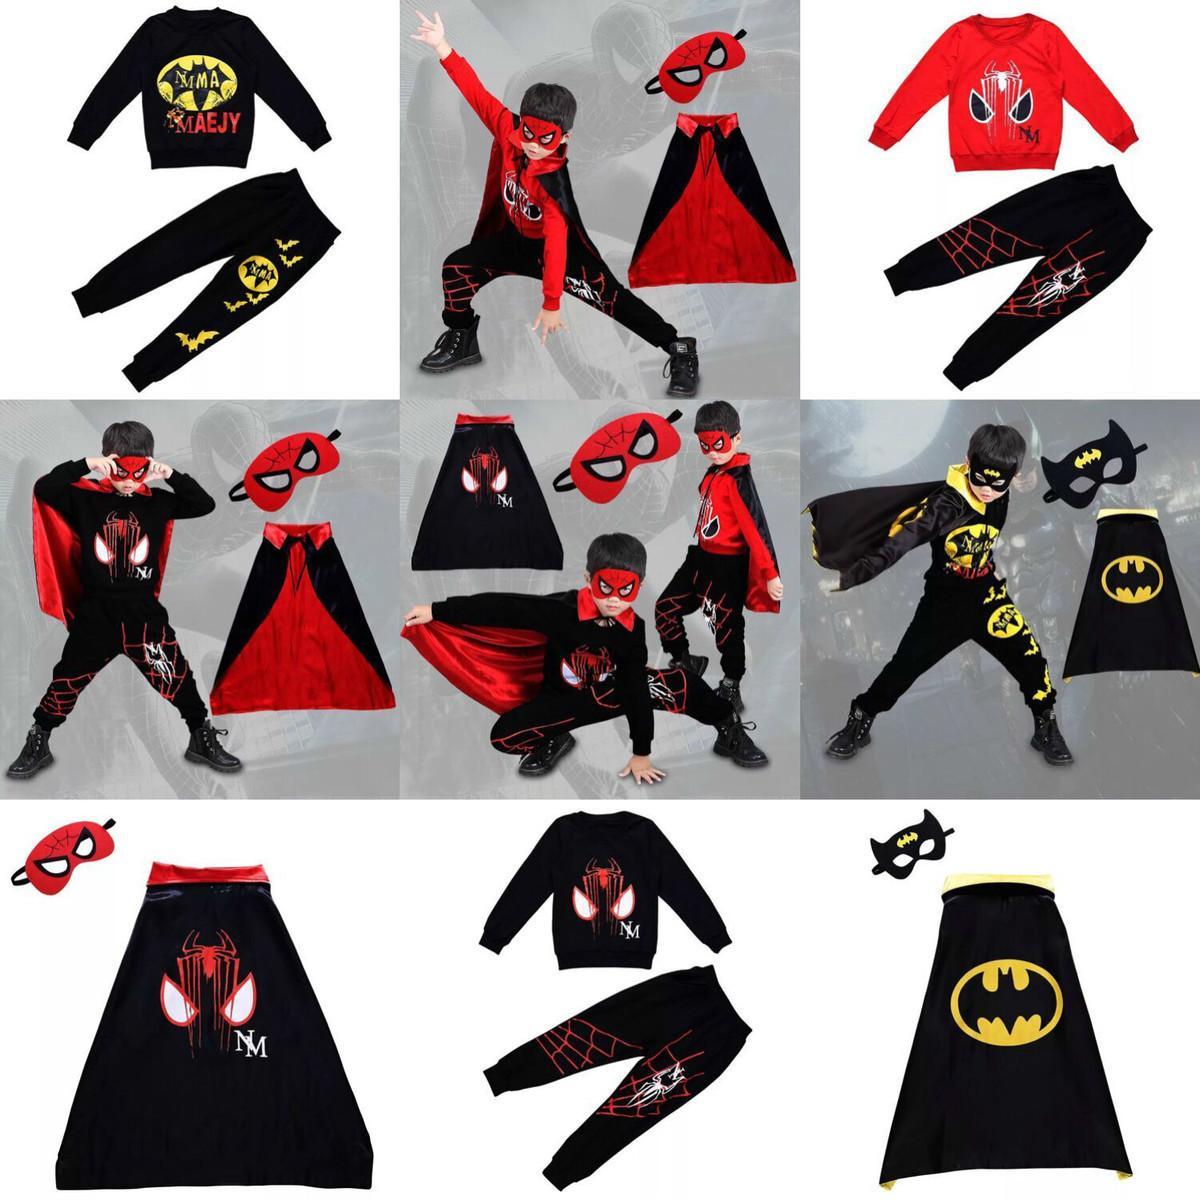 Compre Disfraz De Halloween Spider Man Batman Disfraz De Dibujos Animados  Cool Baby Boys Con Capucha + Pantalones Boy Sport Ropa Trajes Ropa De Niños  Set ... 6186ac8ed2db9